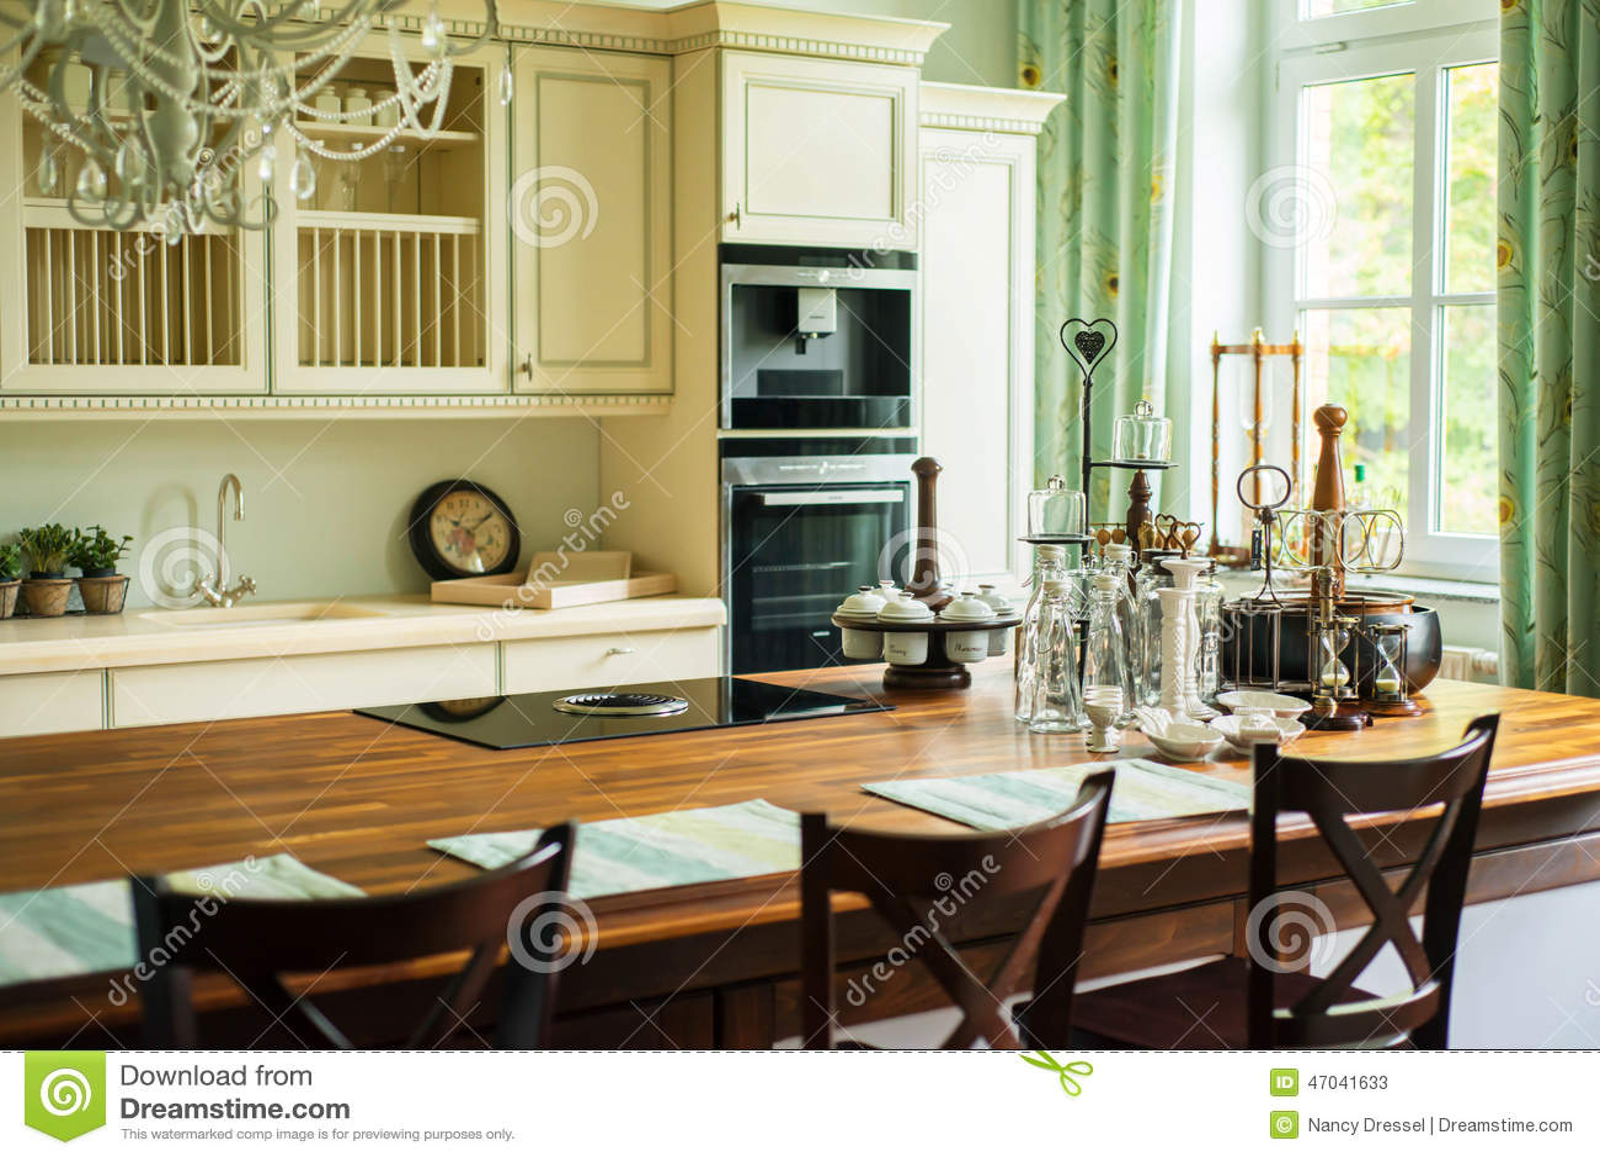 Nieuwe moderne keuken in oude stijl stock afbeelding afbeelding